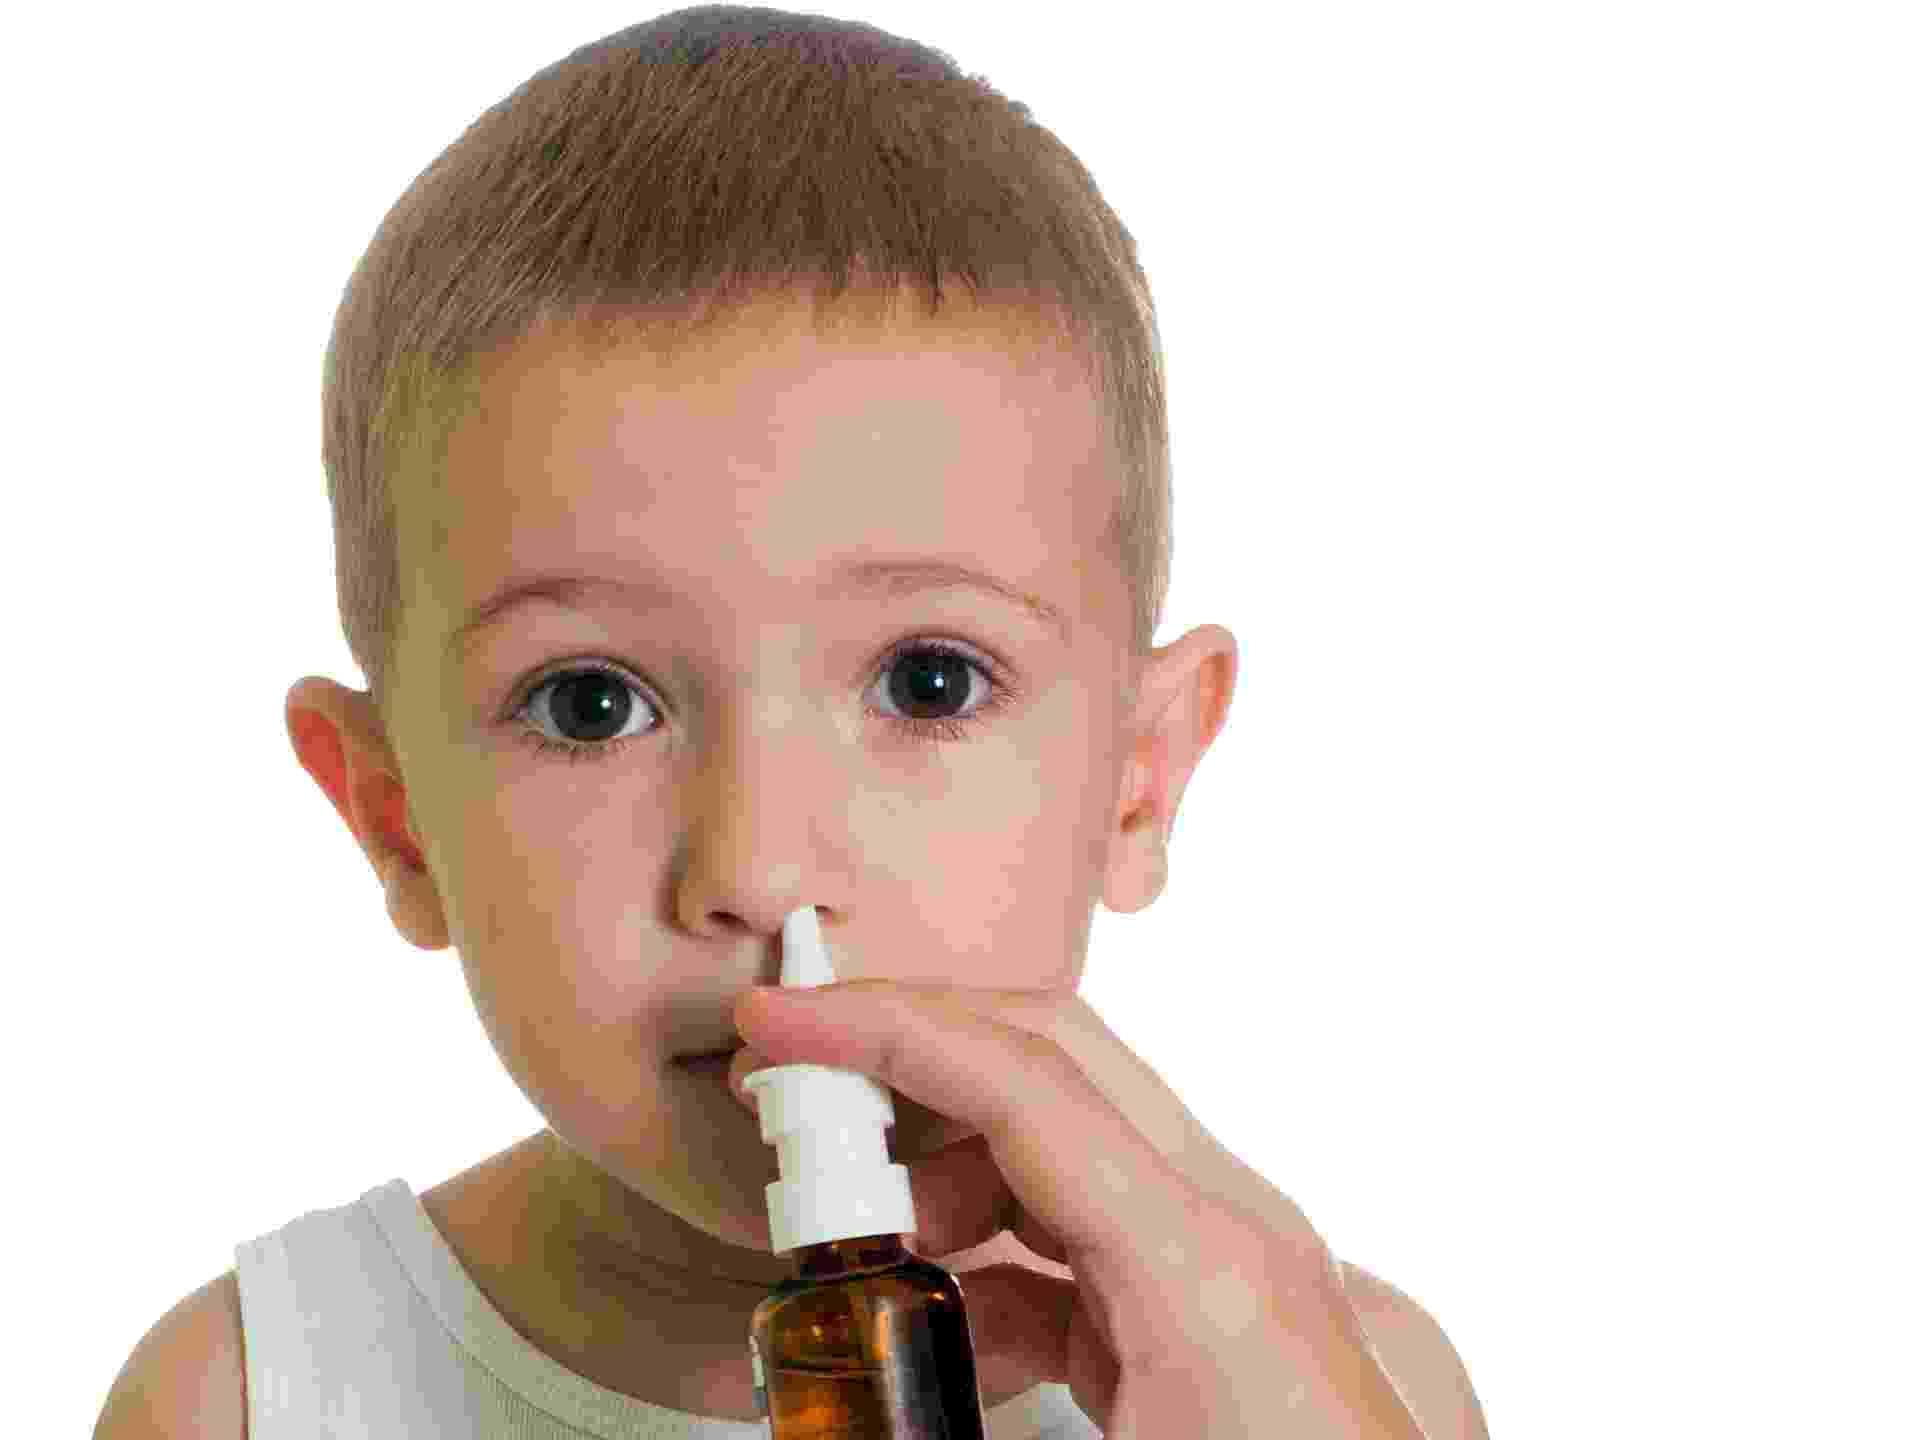 Spray sinusite, criança, sinusite, doente, gripado - Thinkstock